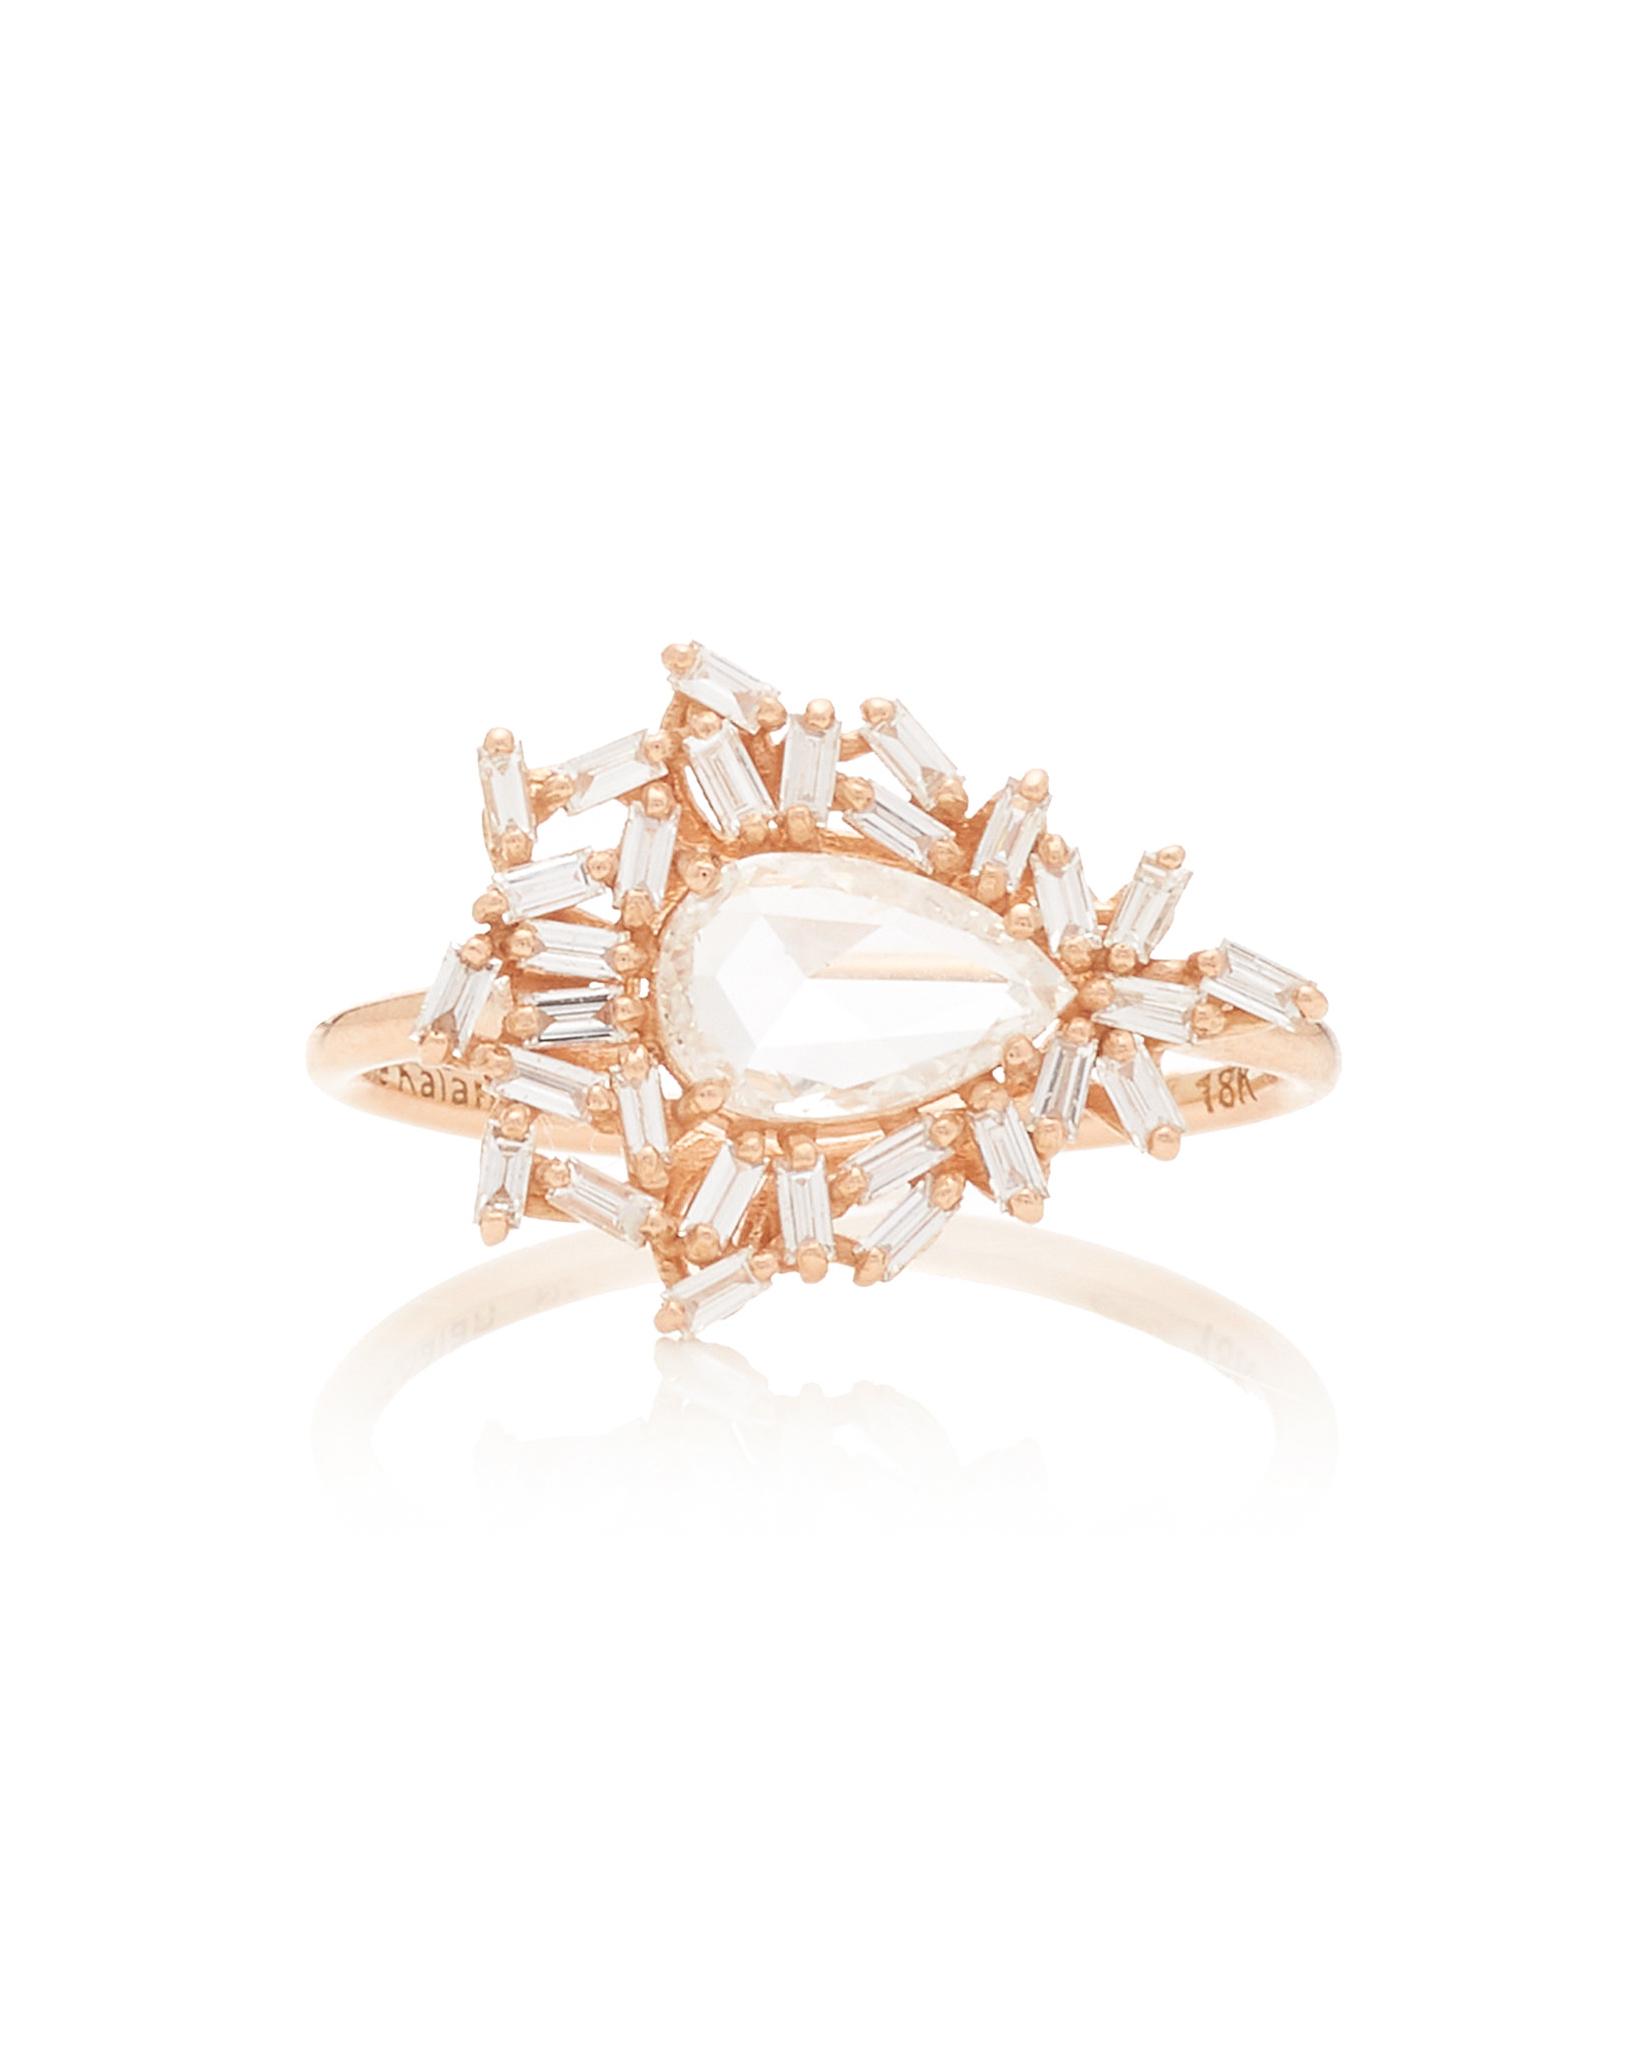 18-Karat Rose Gold Ring